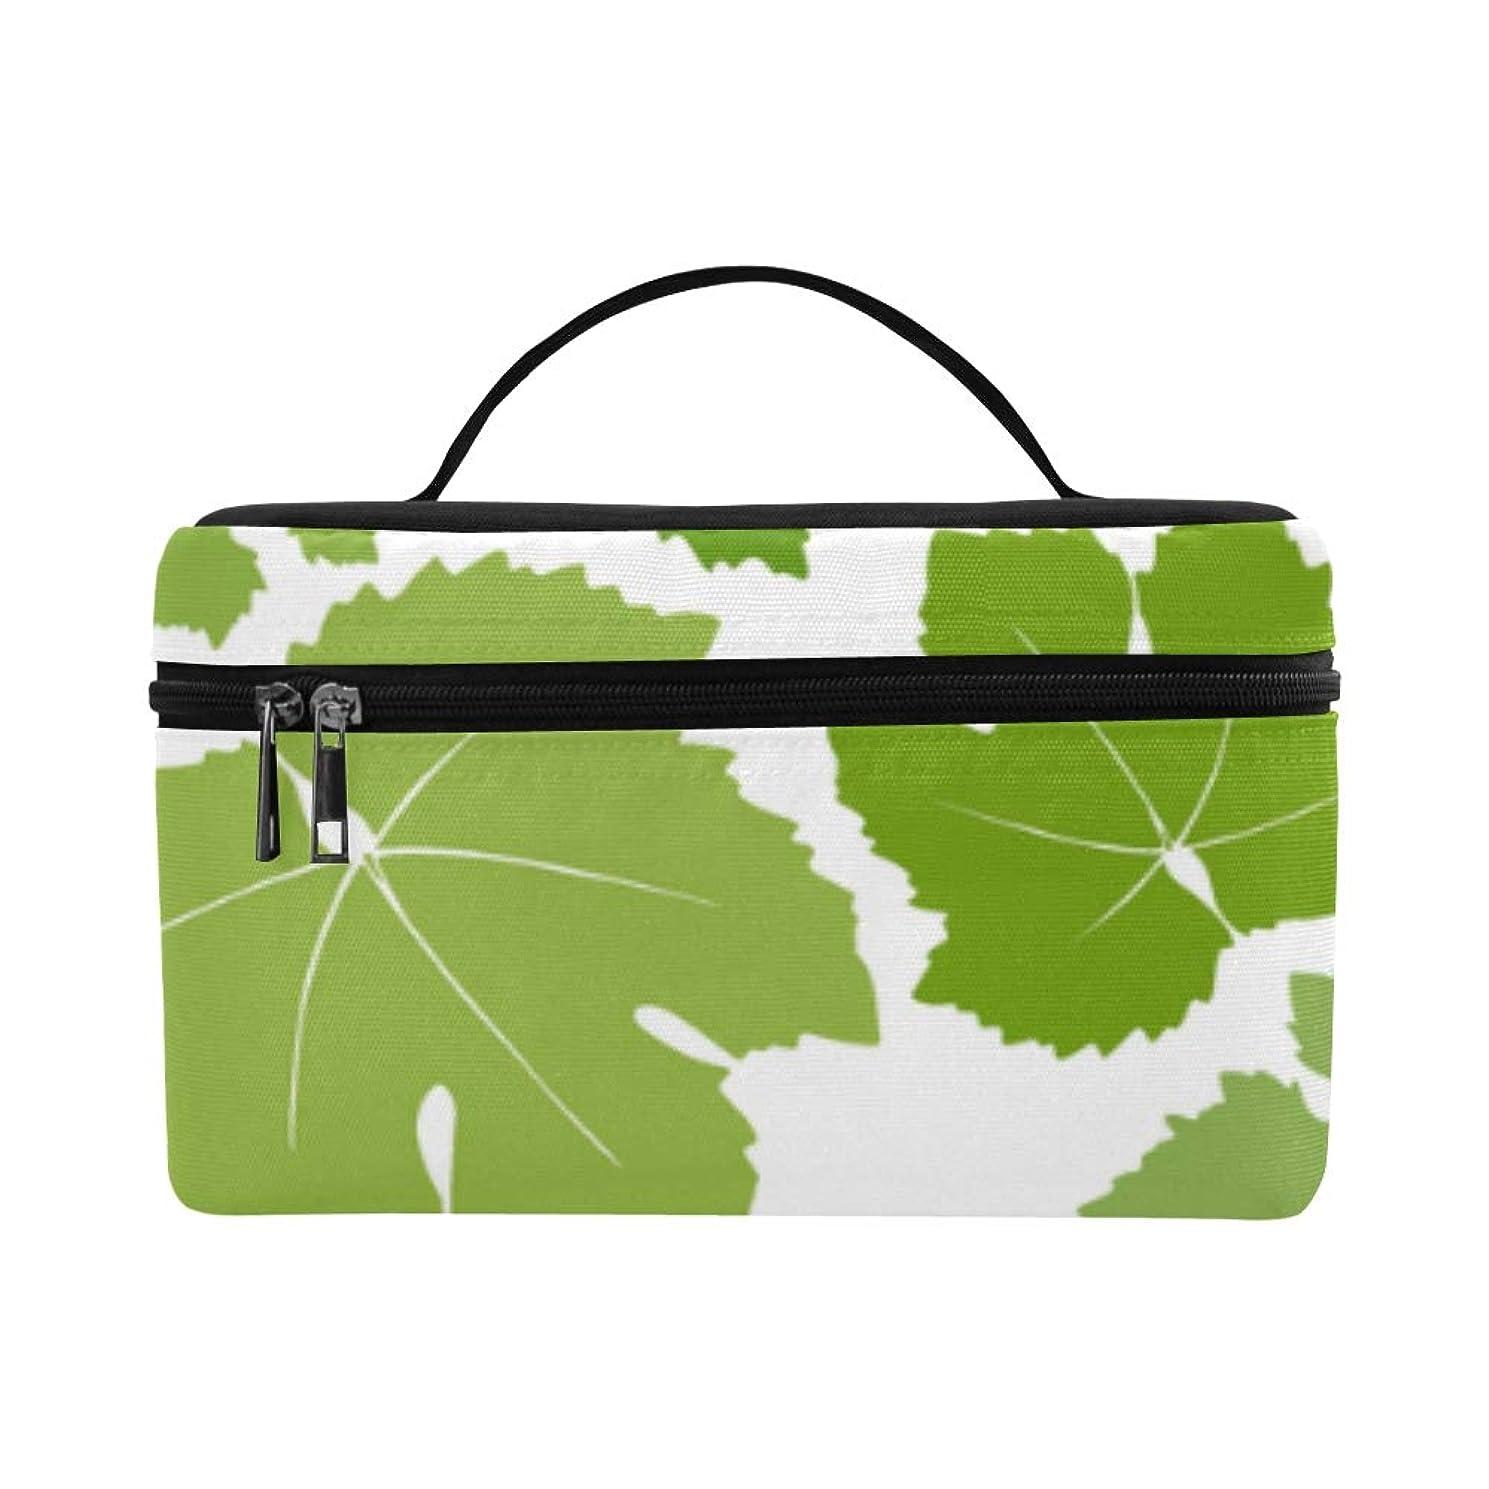 ごちそう負荷雄弁なLNJKD メイクボックス ぶどうの葉 コスメ収納 化粧品収納ケース 大容量 収納ボックス 化粧品入れ 化粧バッグ 旅行用 メイクブラシバッグ 化粧箱 持ち運び便利 プロ用